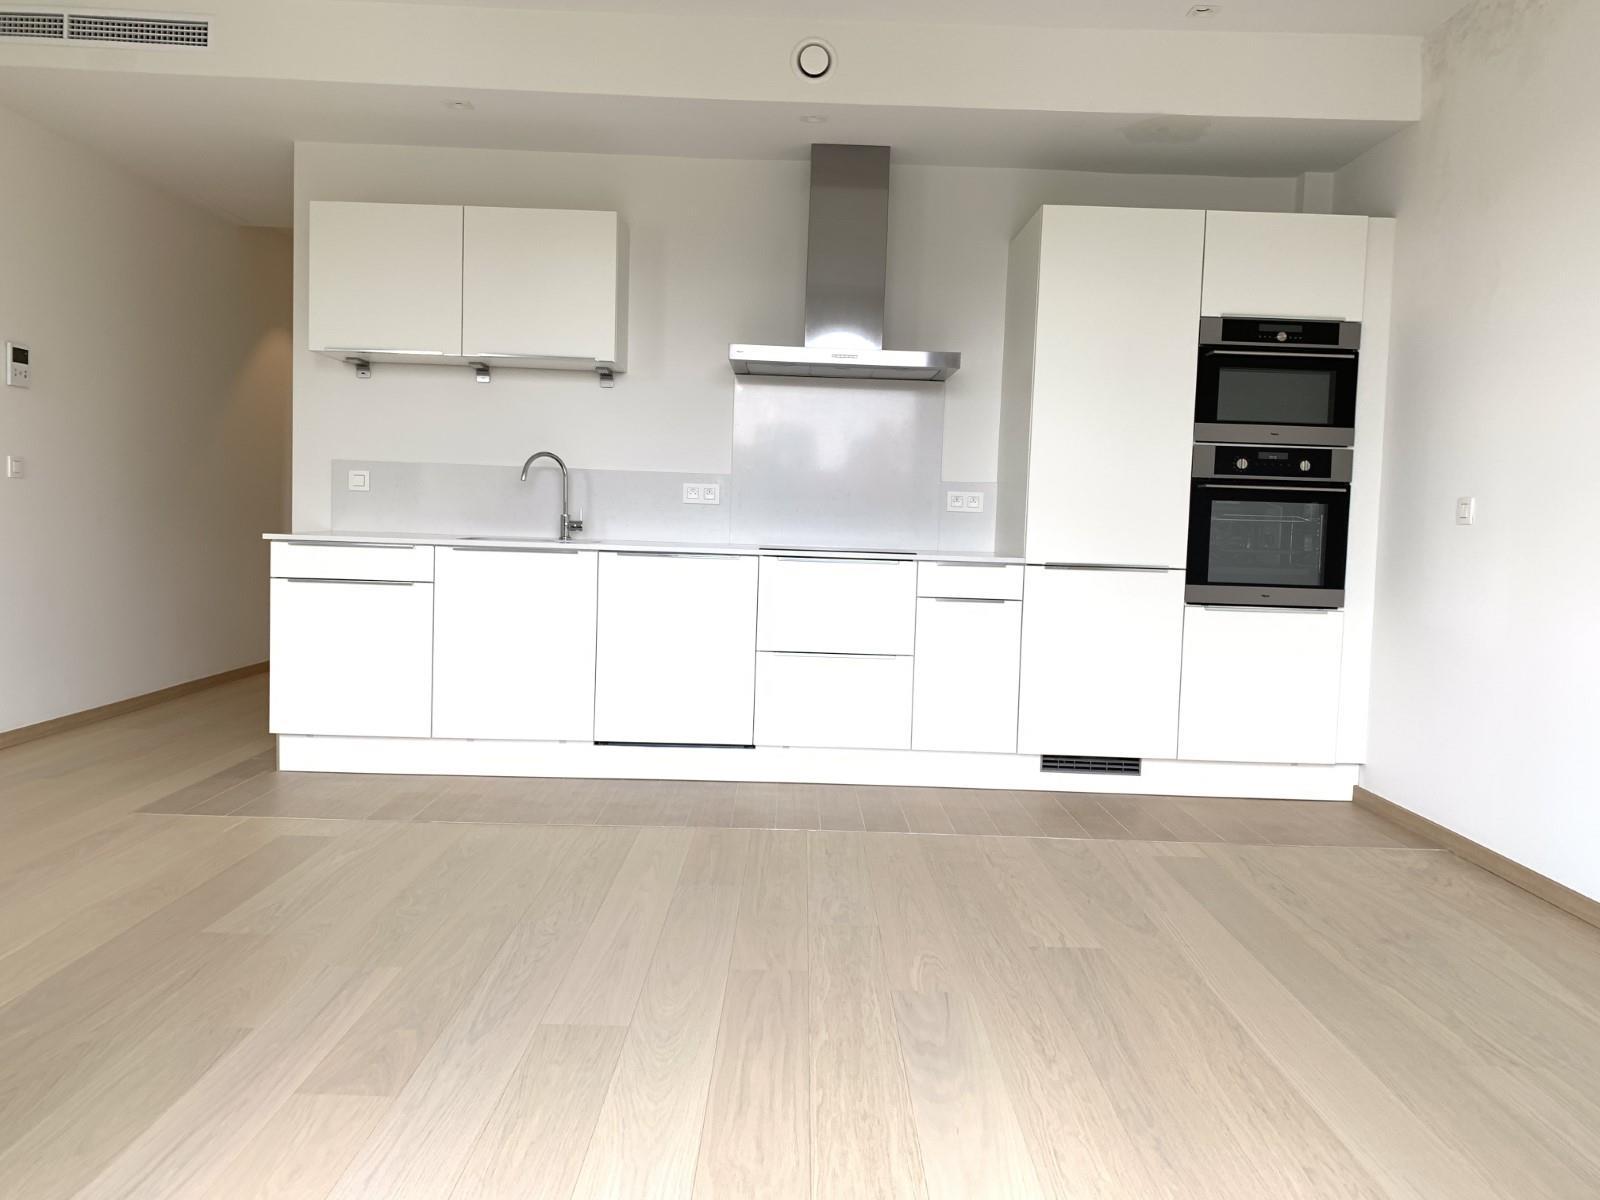 Appartement exceptionnel - Ixelles - #3929578-2